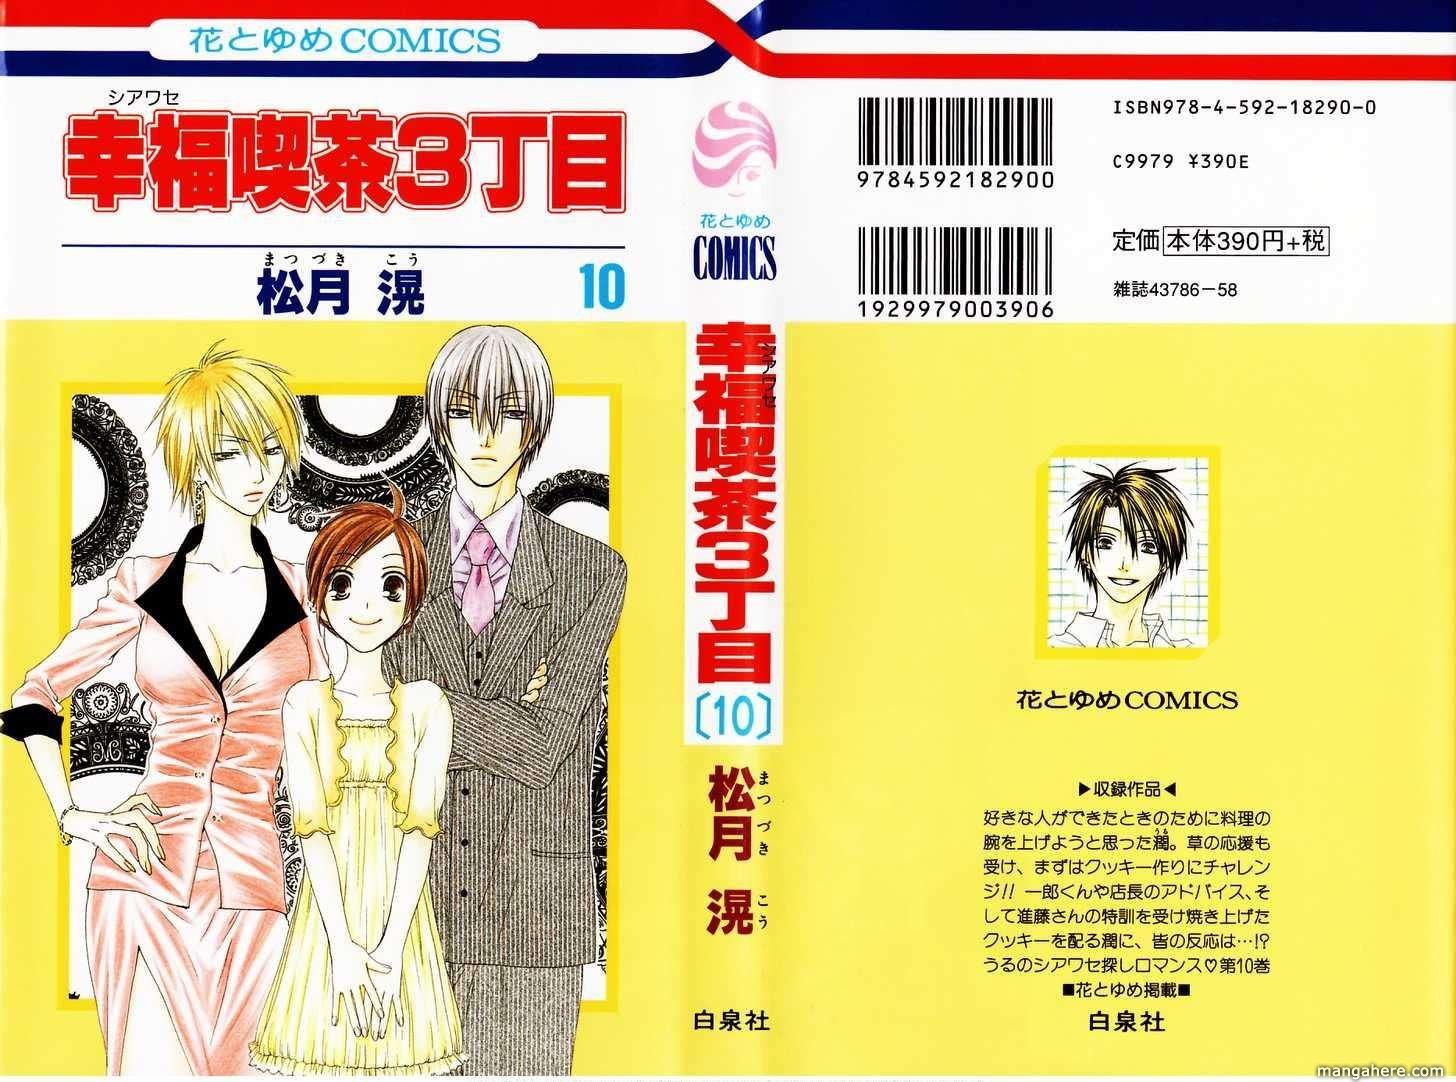 Shiawase Kissa Sanchoume 48 Page 1